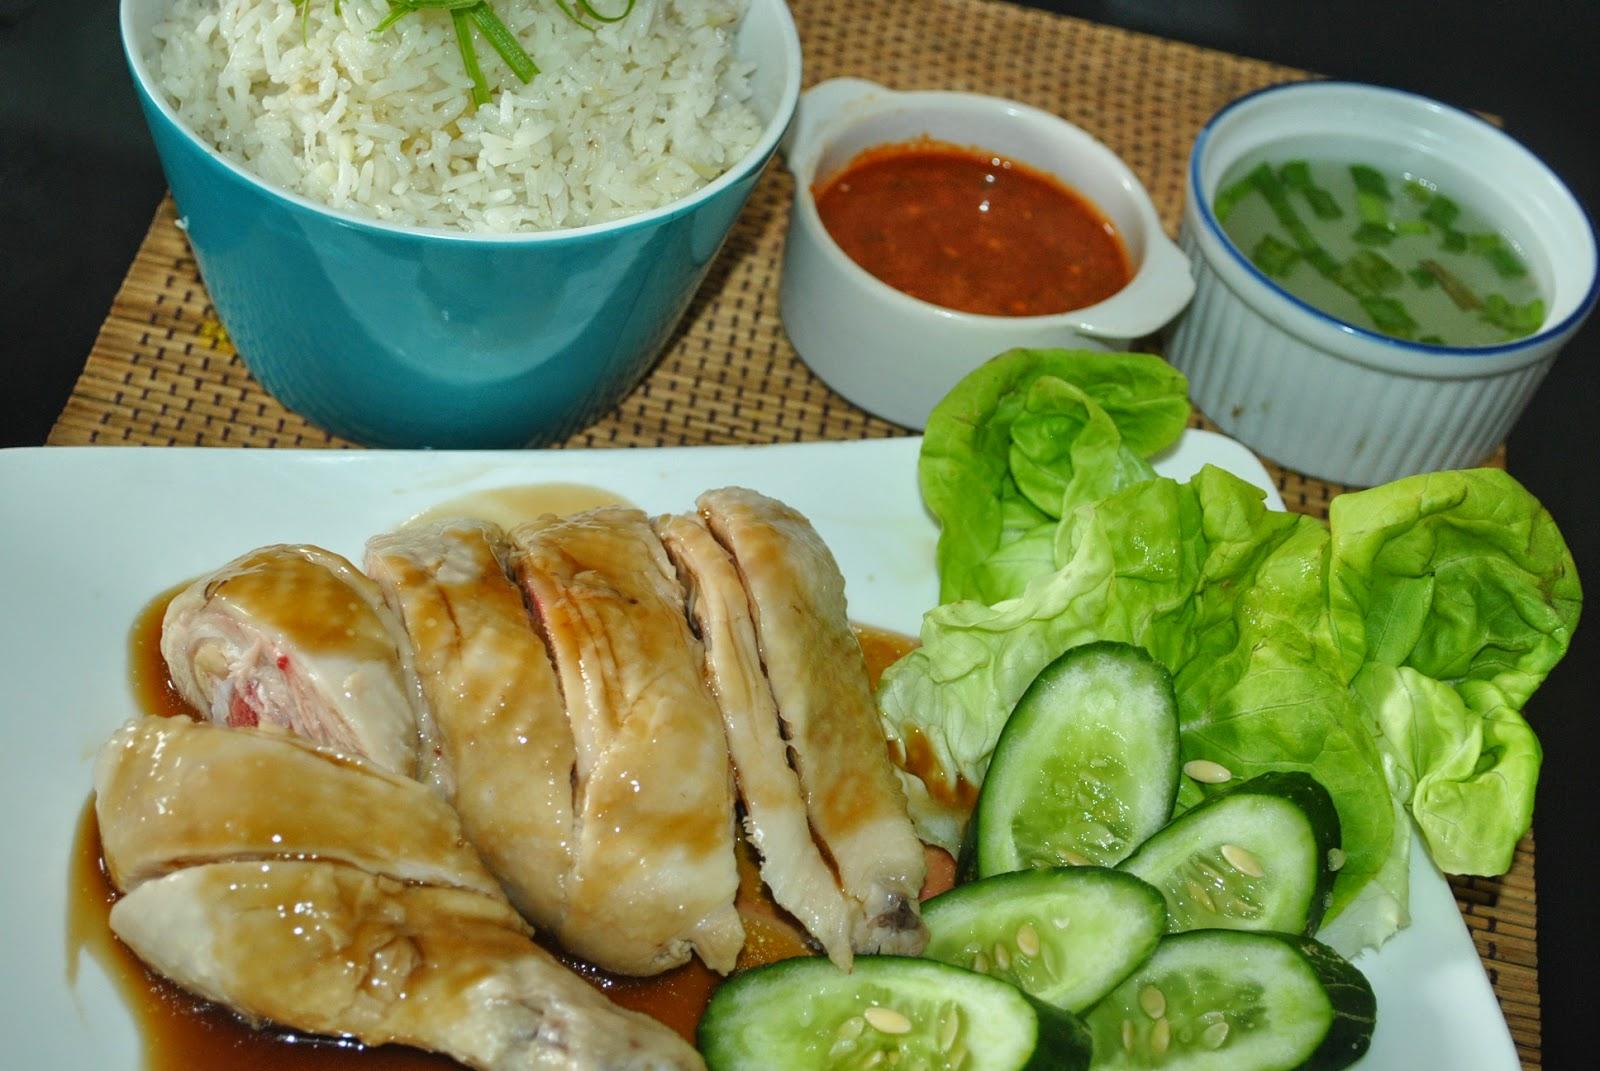 Patyskitchen Steam Chicken Rice The Hainanese Style Bumbu Nasi Hainan Veggie Way Hainam Vegan Saturday September 20 2014